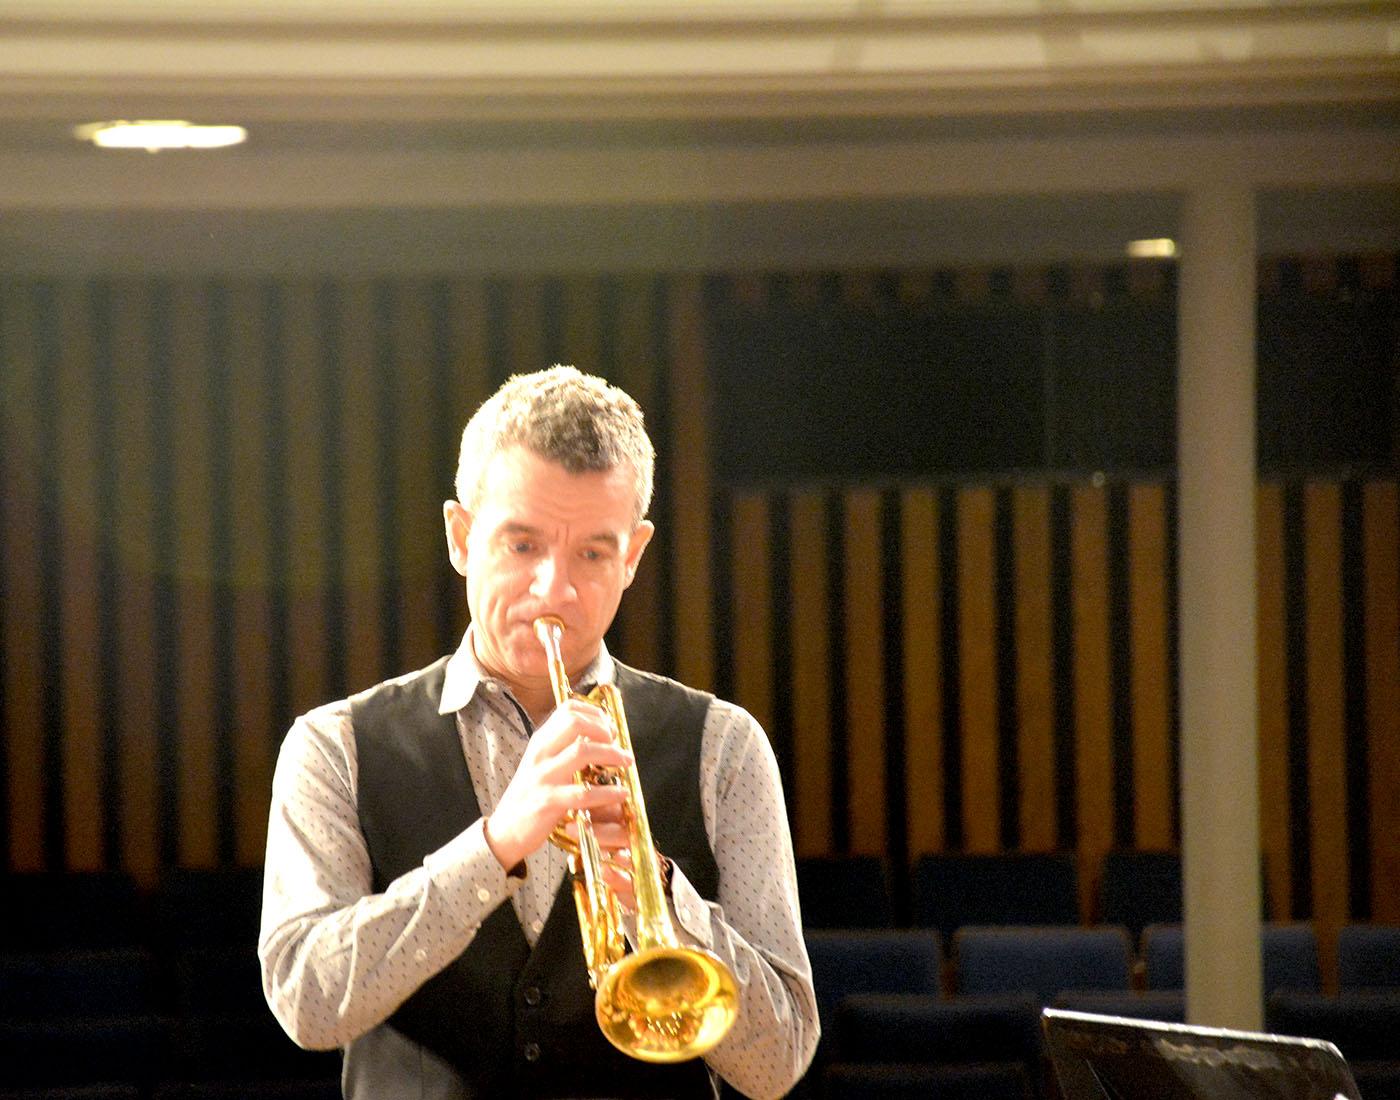 Musician Joe Burgstaller visited OHS on Nov. 21